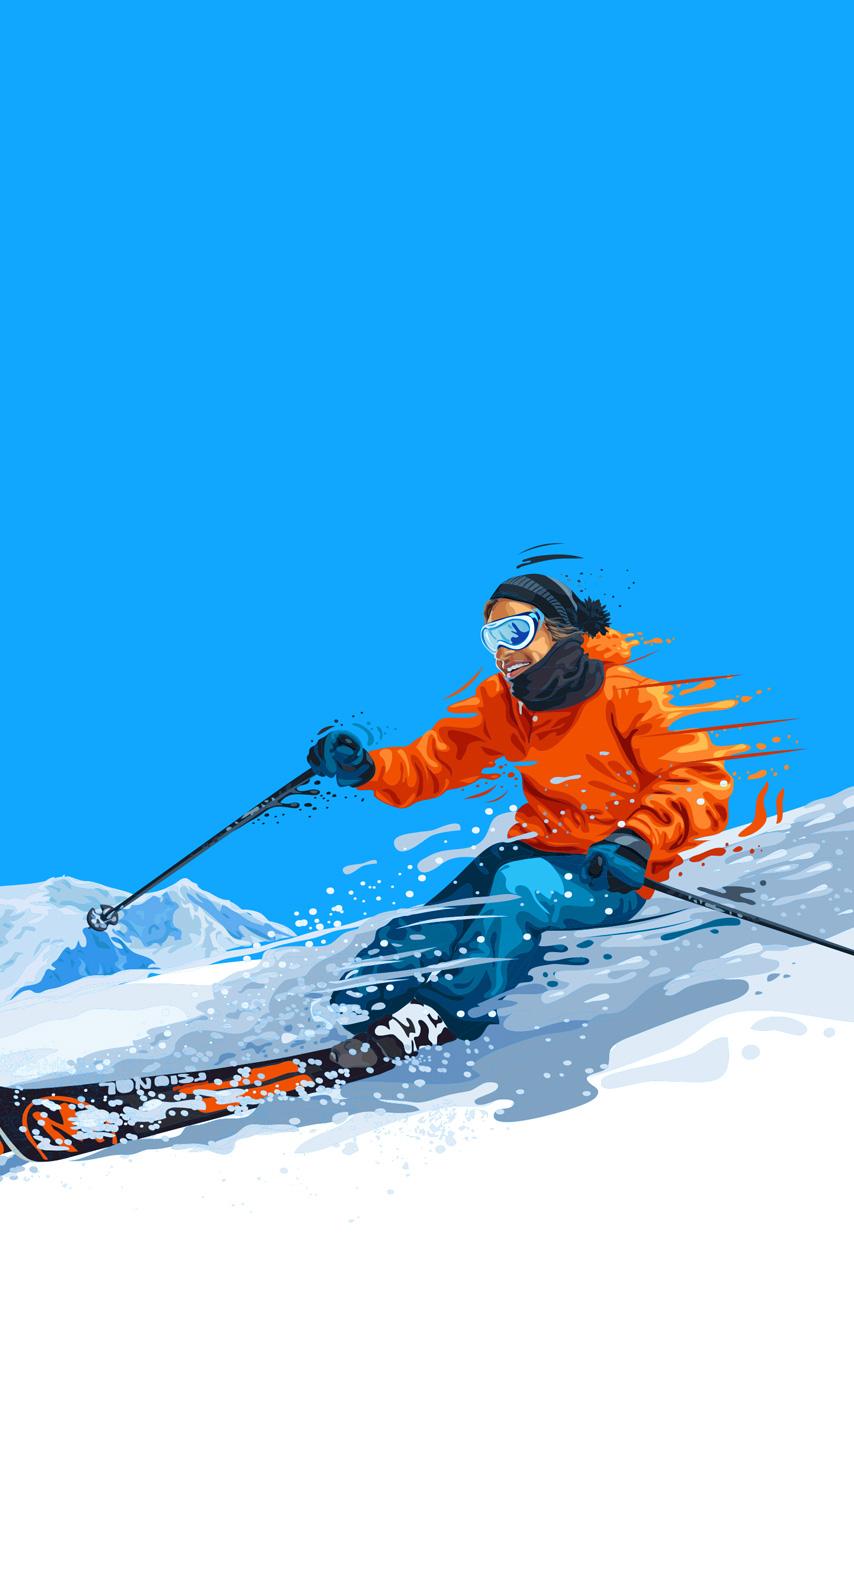 ski slope, goggles